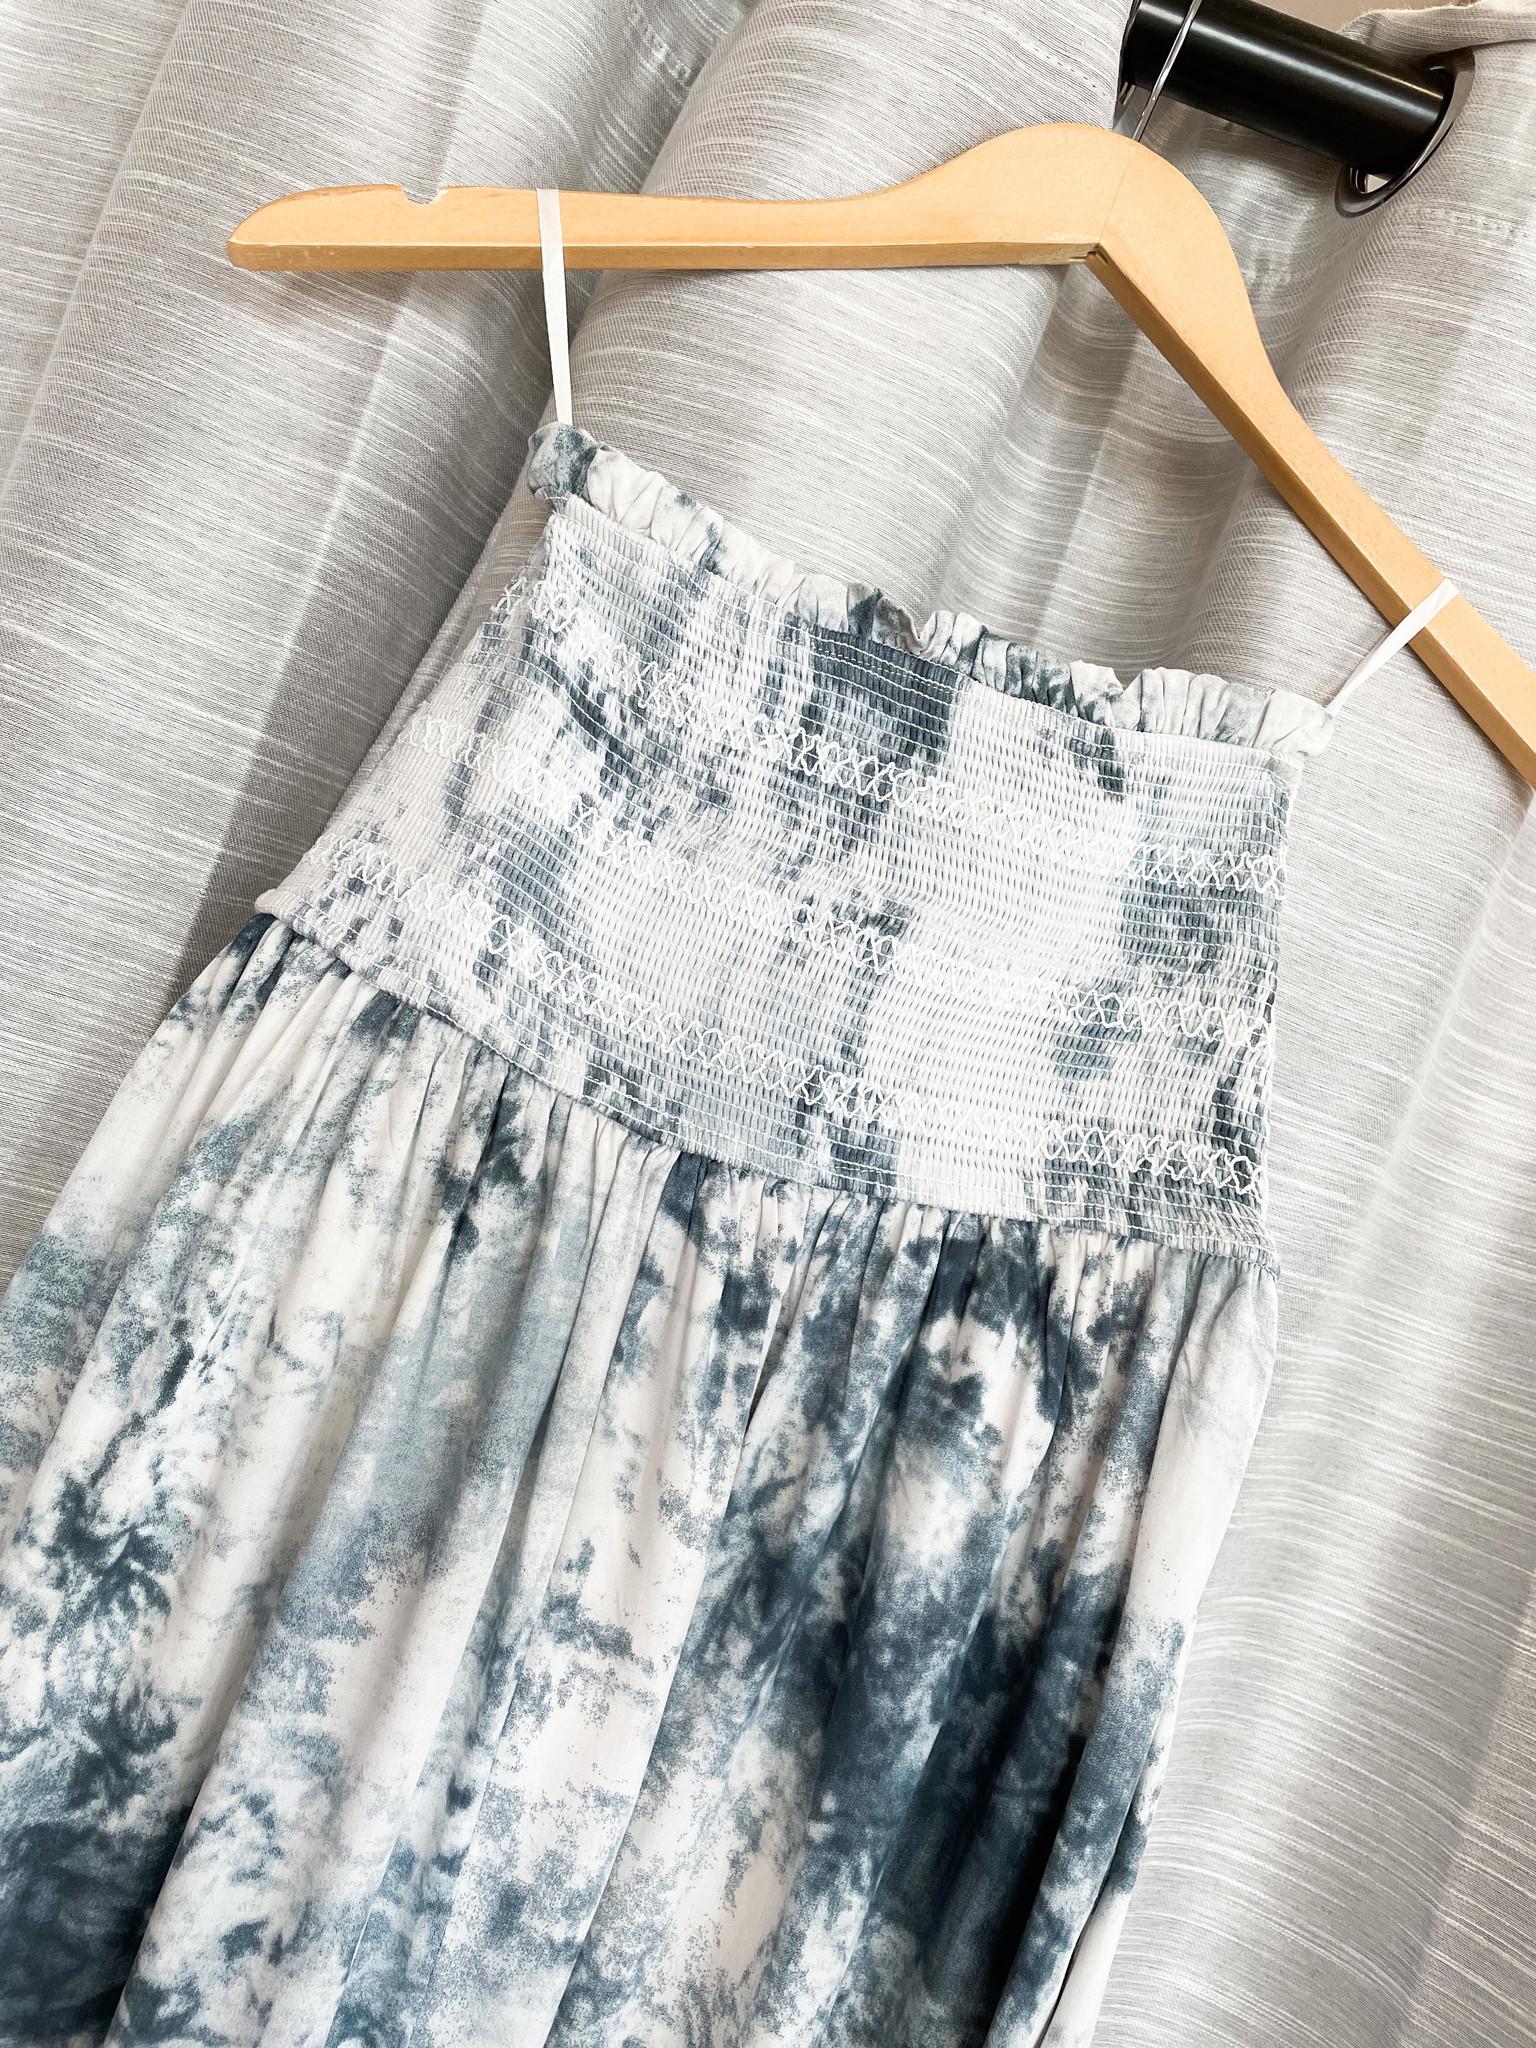 Teal Tie Dye Smocked Tube Top Summer Dress